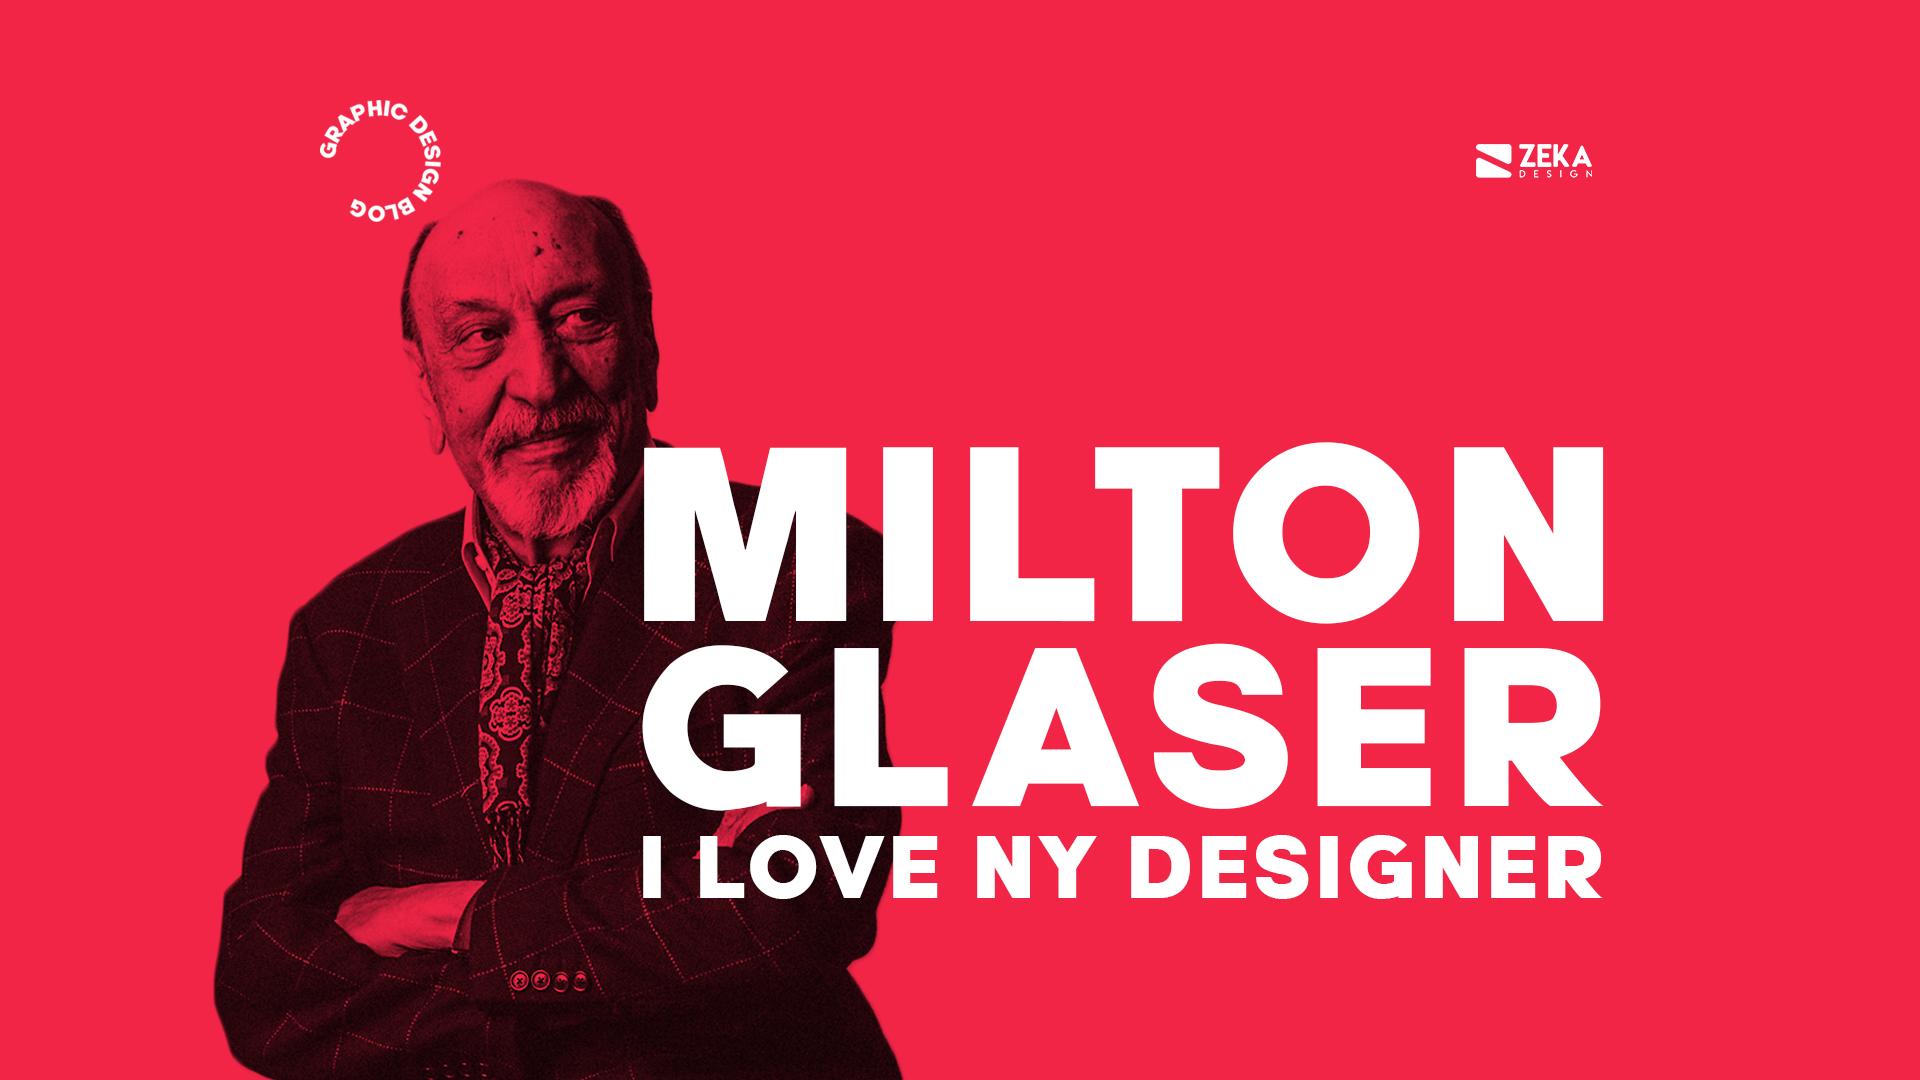 Milton Glaser I Love New York Graphic Designer History